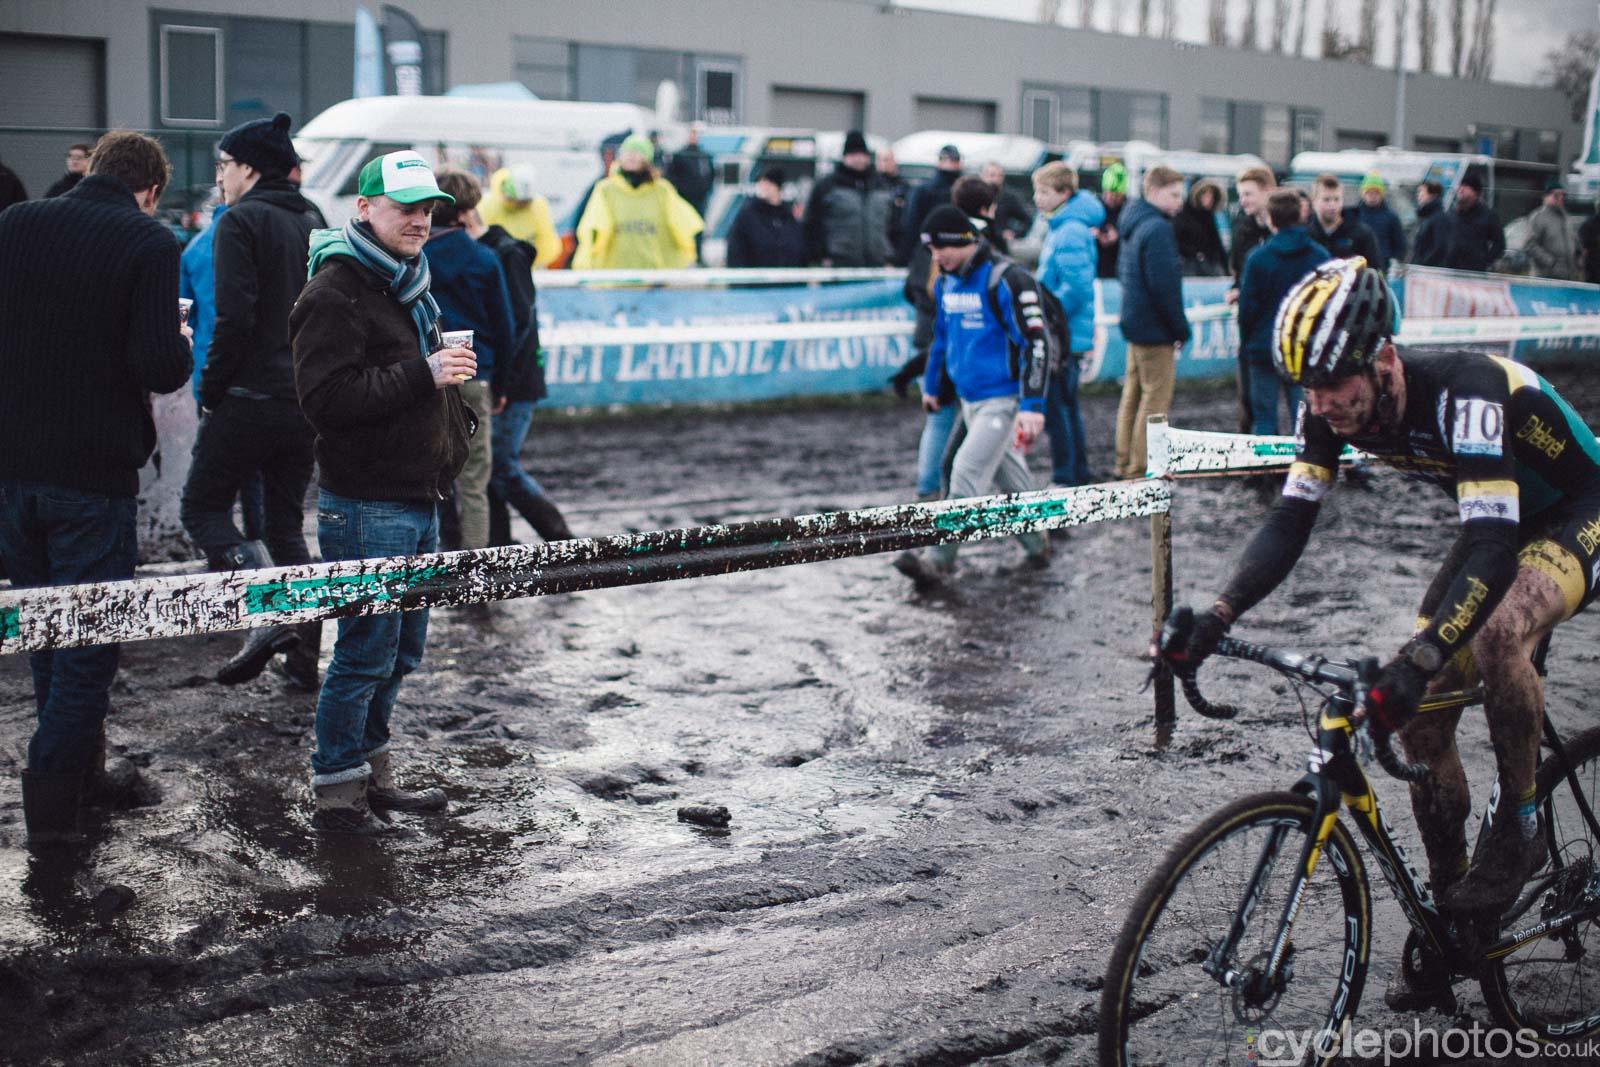 2016-cyclephotos-cyclocross-hoogstraten-153922-corne-van-kessel